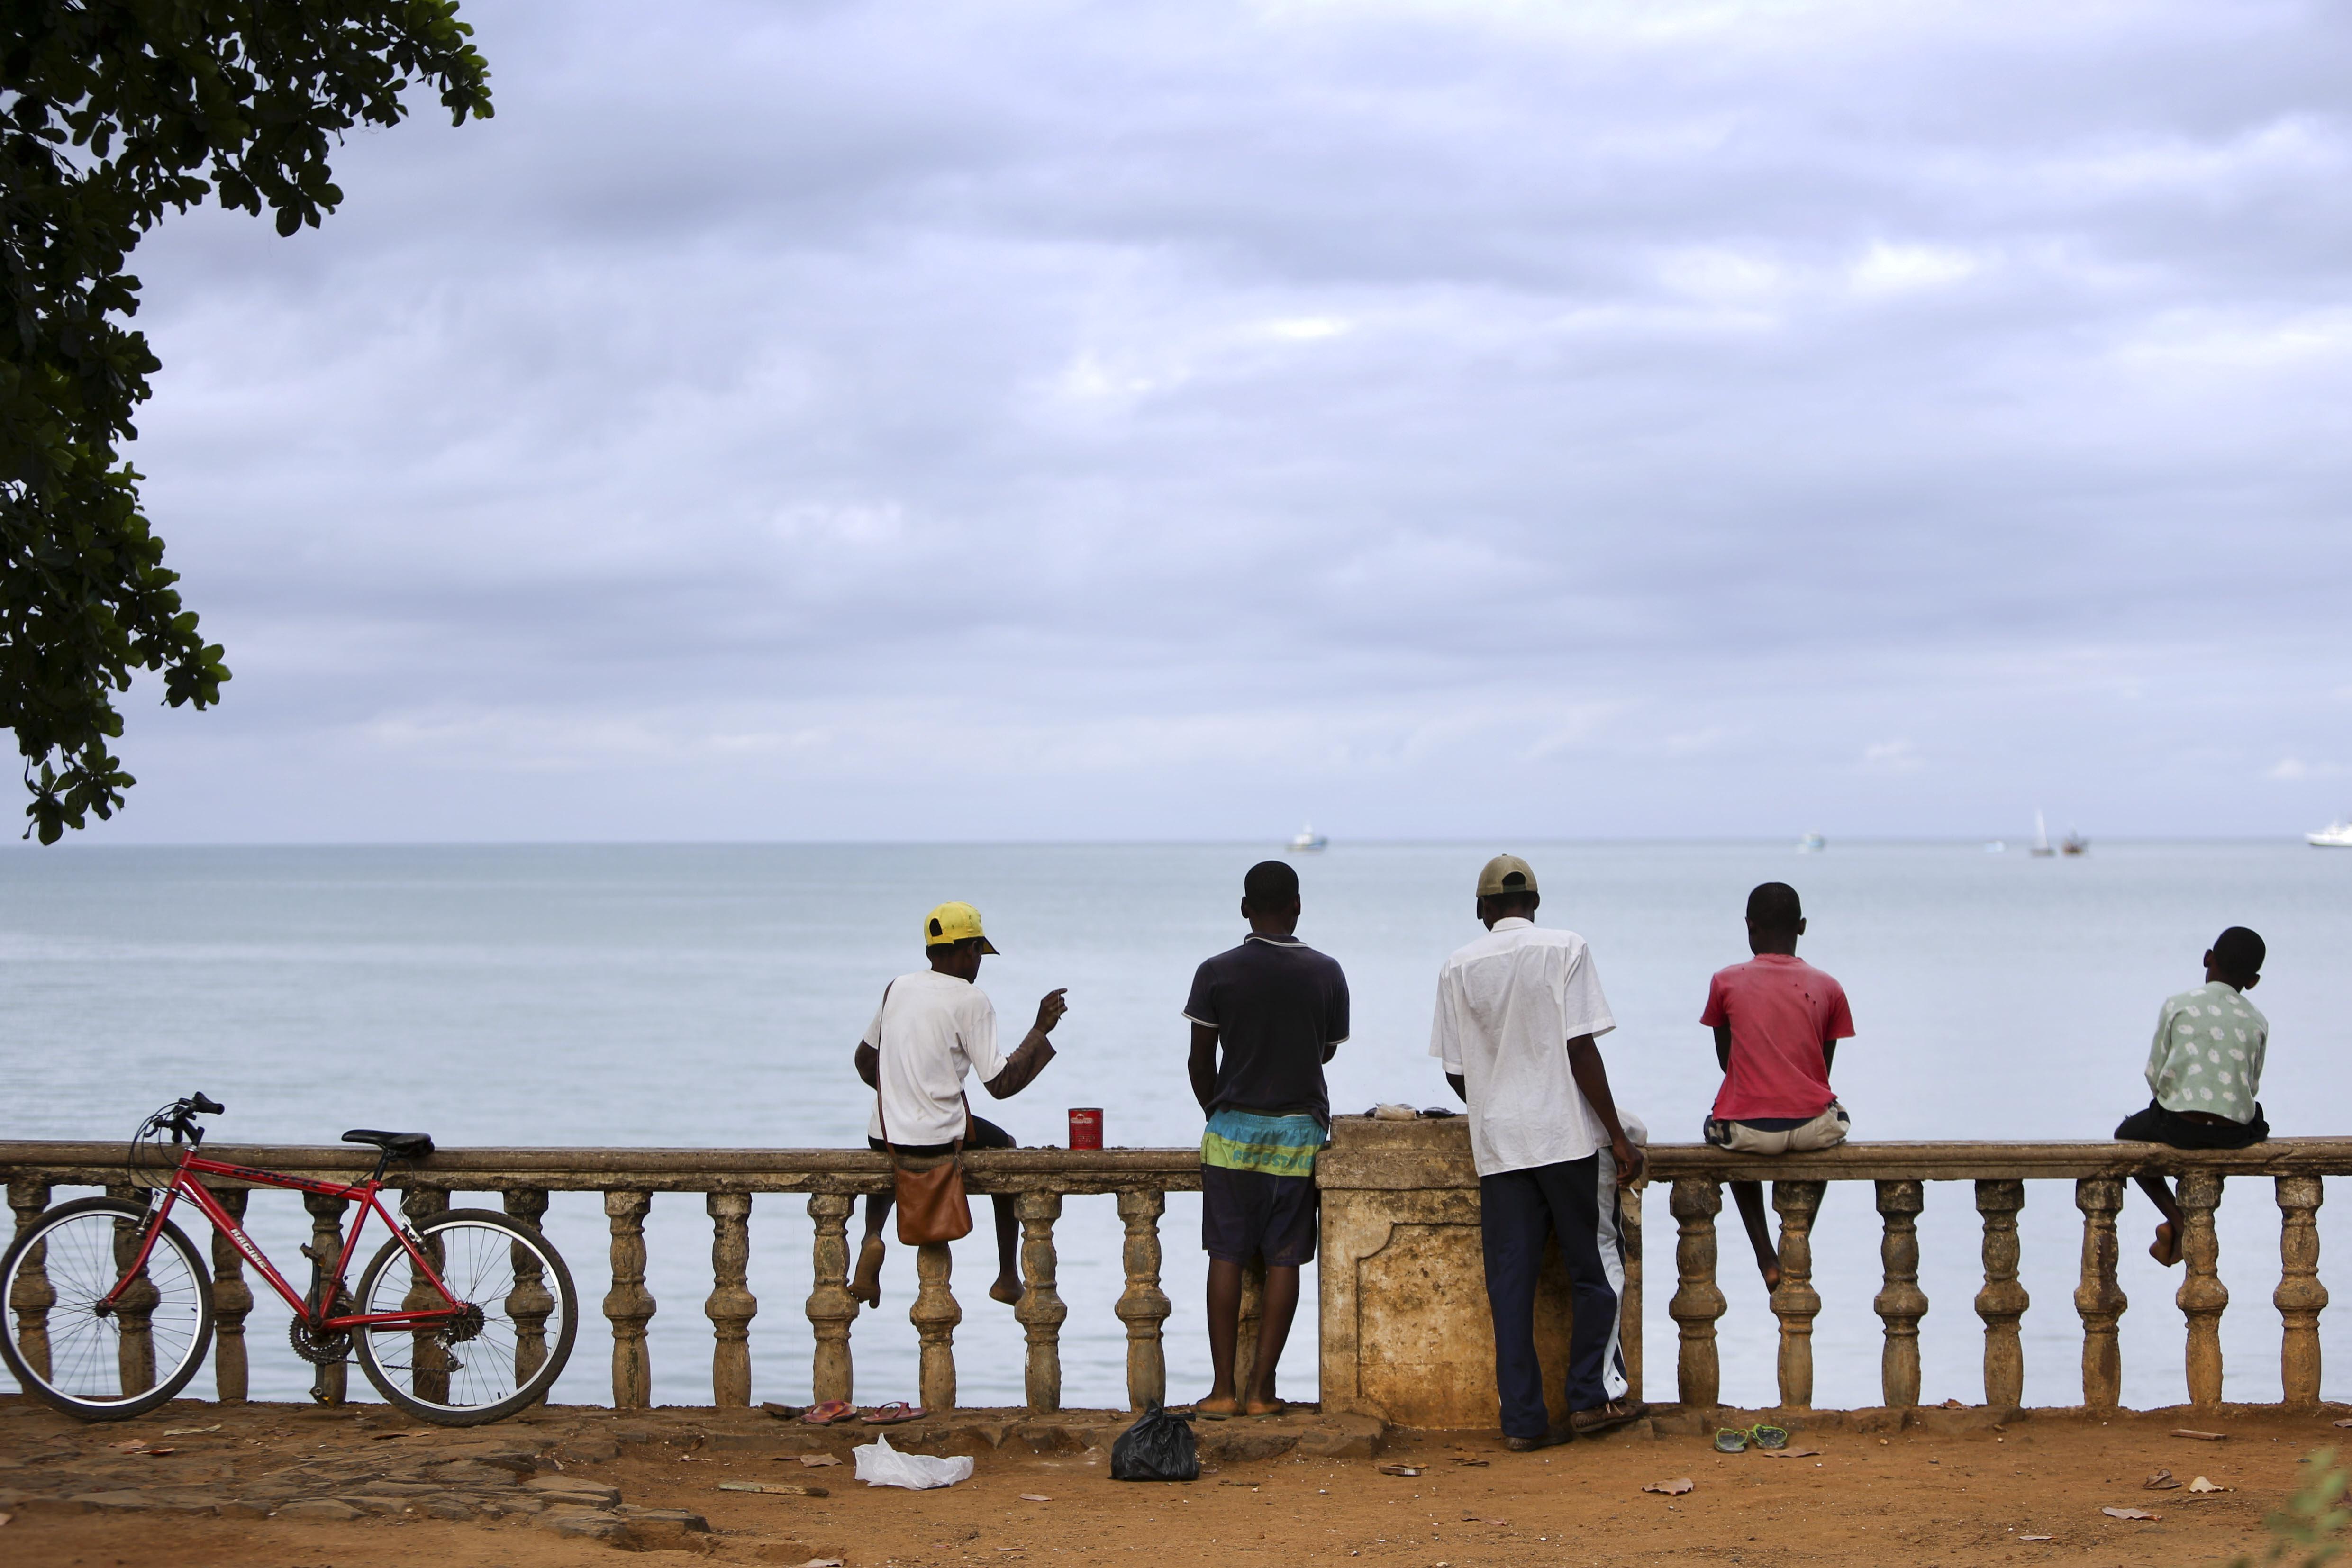 Crianças de São-Tomé e Príncipe na marginal da cidade de-S. Tomé 06 de outubro de 2014. ANDRE KOSTERS / LUSA